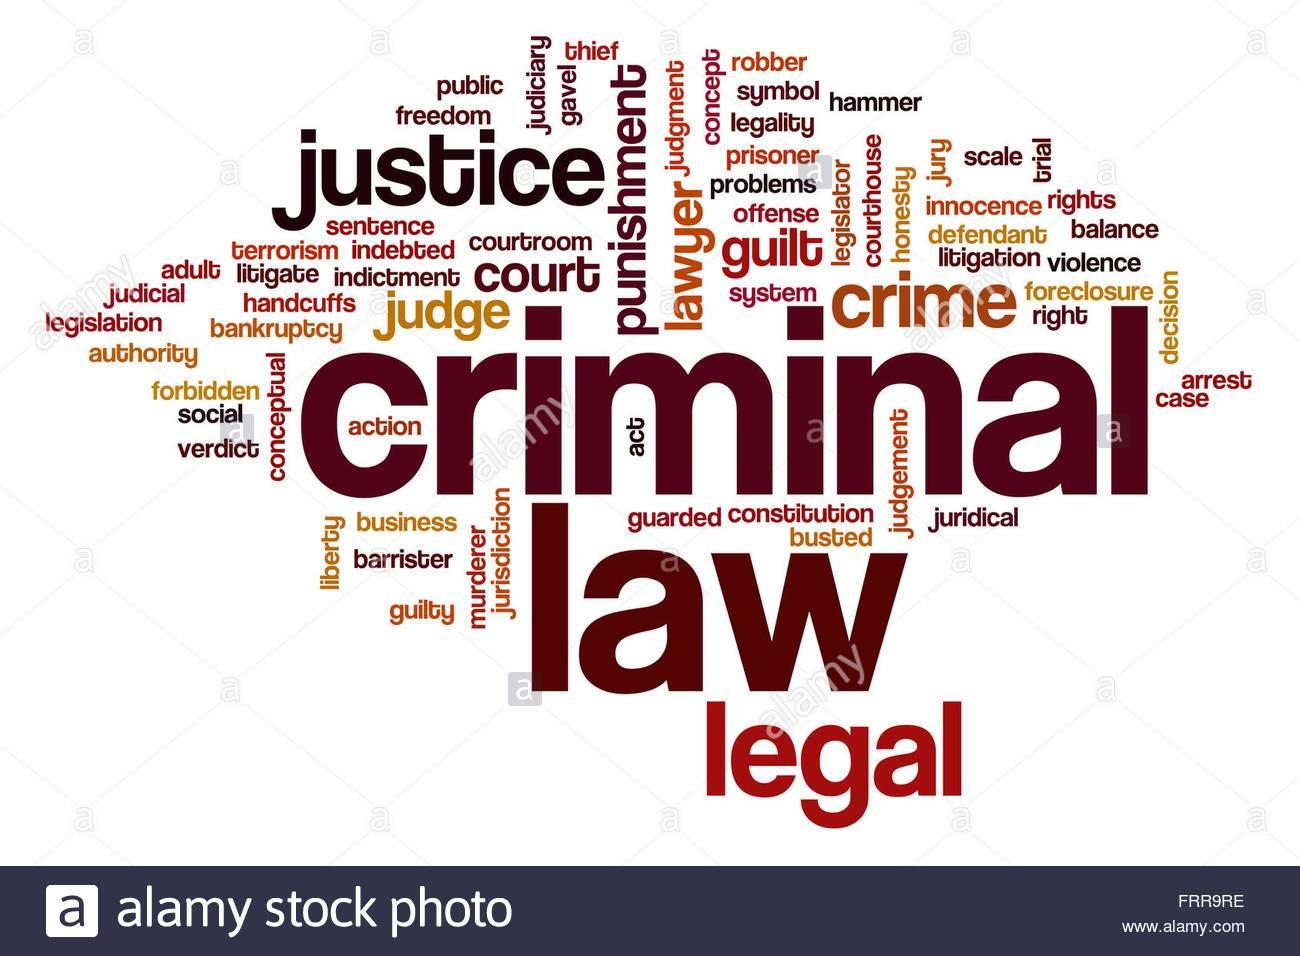 Need of Hiring Drug Defense Attorneys in San Antonio